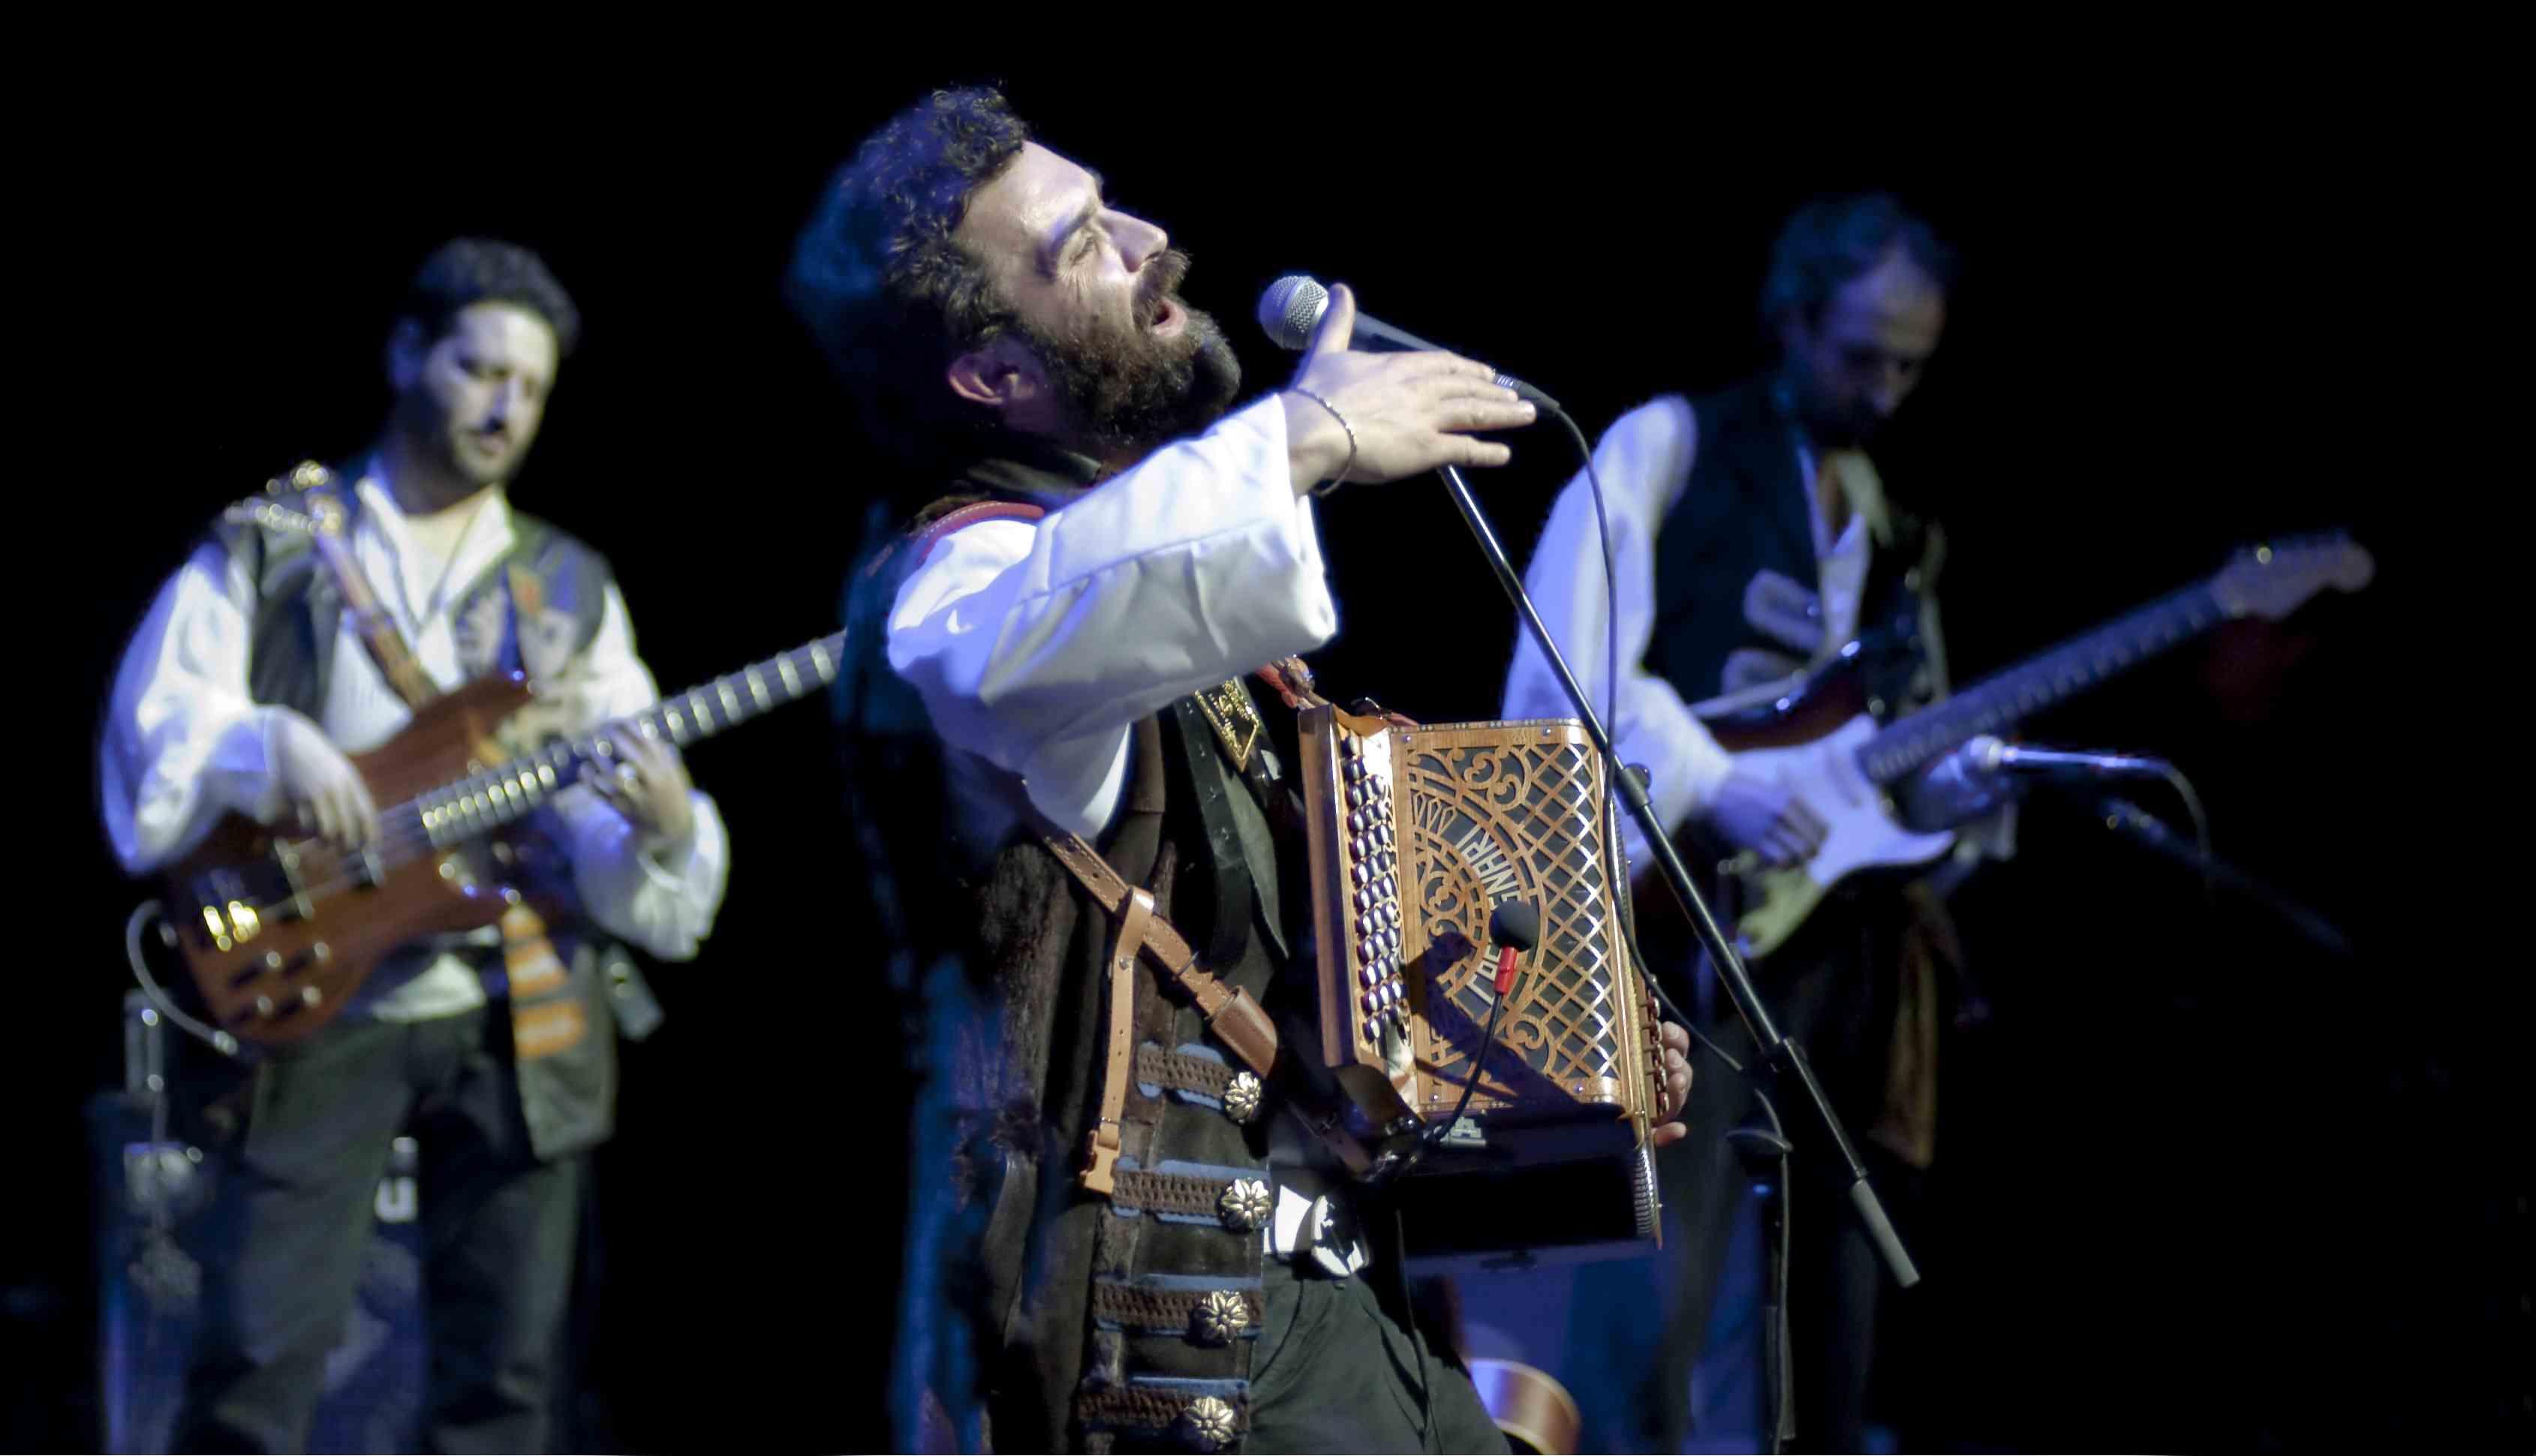 Cantante Bandadriatica-auditorium Roma Claudio Prima